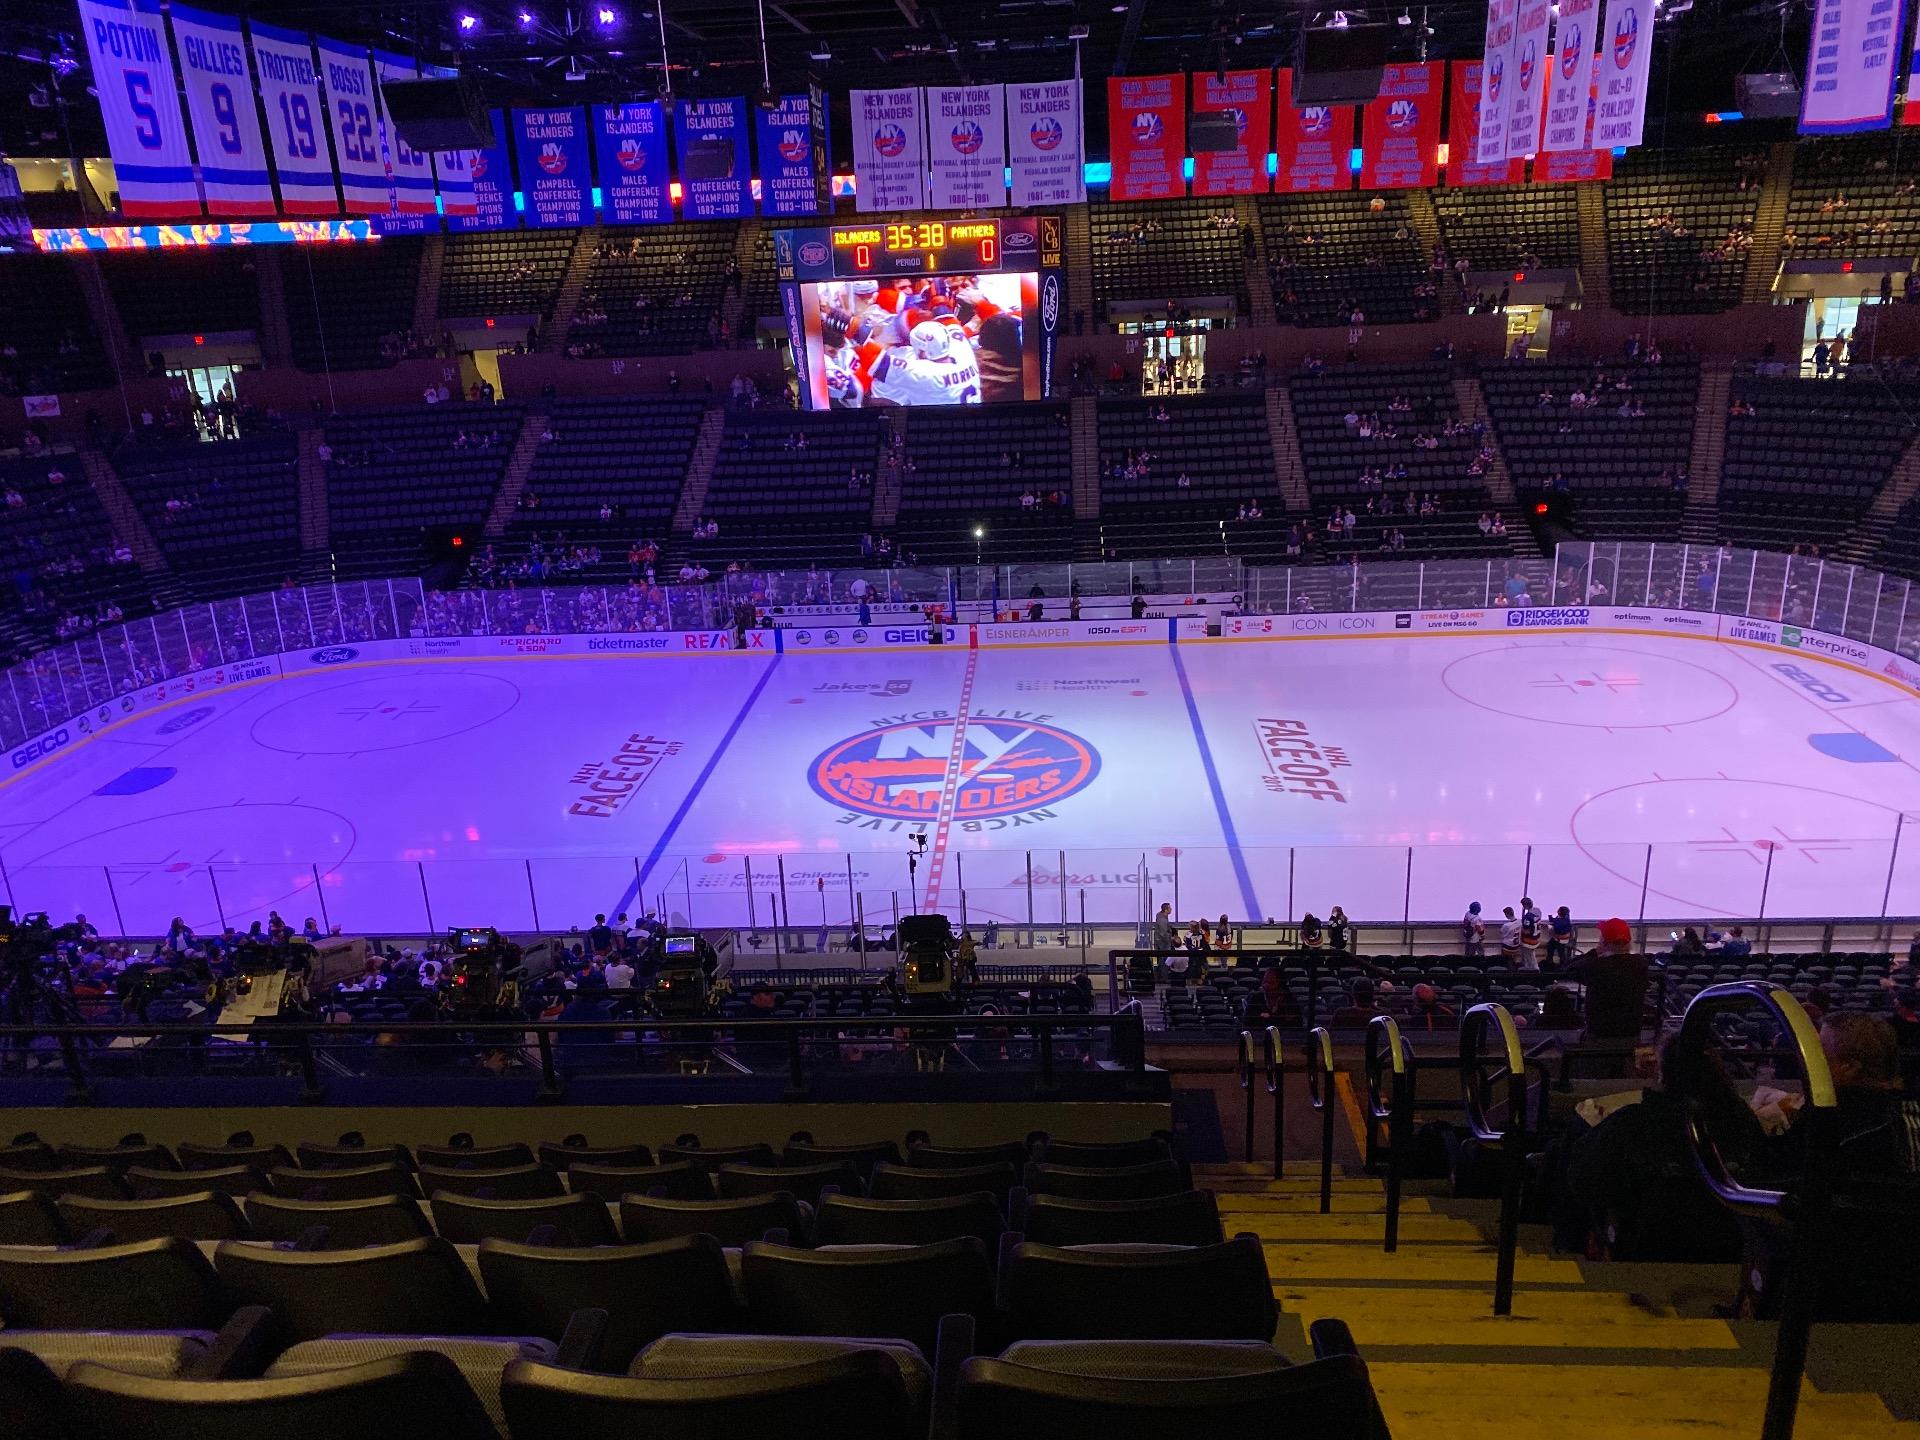 Nassau Veterans Memorial Coliseum Secção 203 Fila 11 Lugar 1